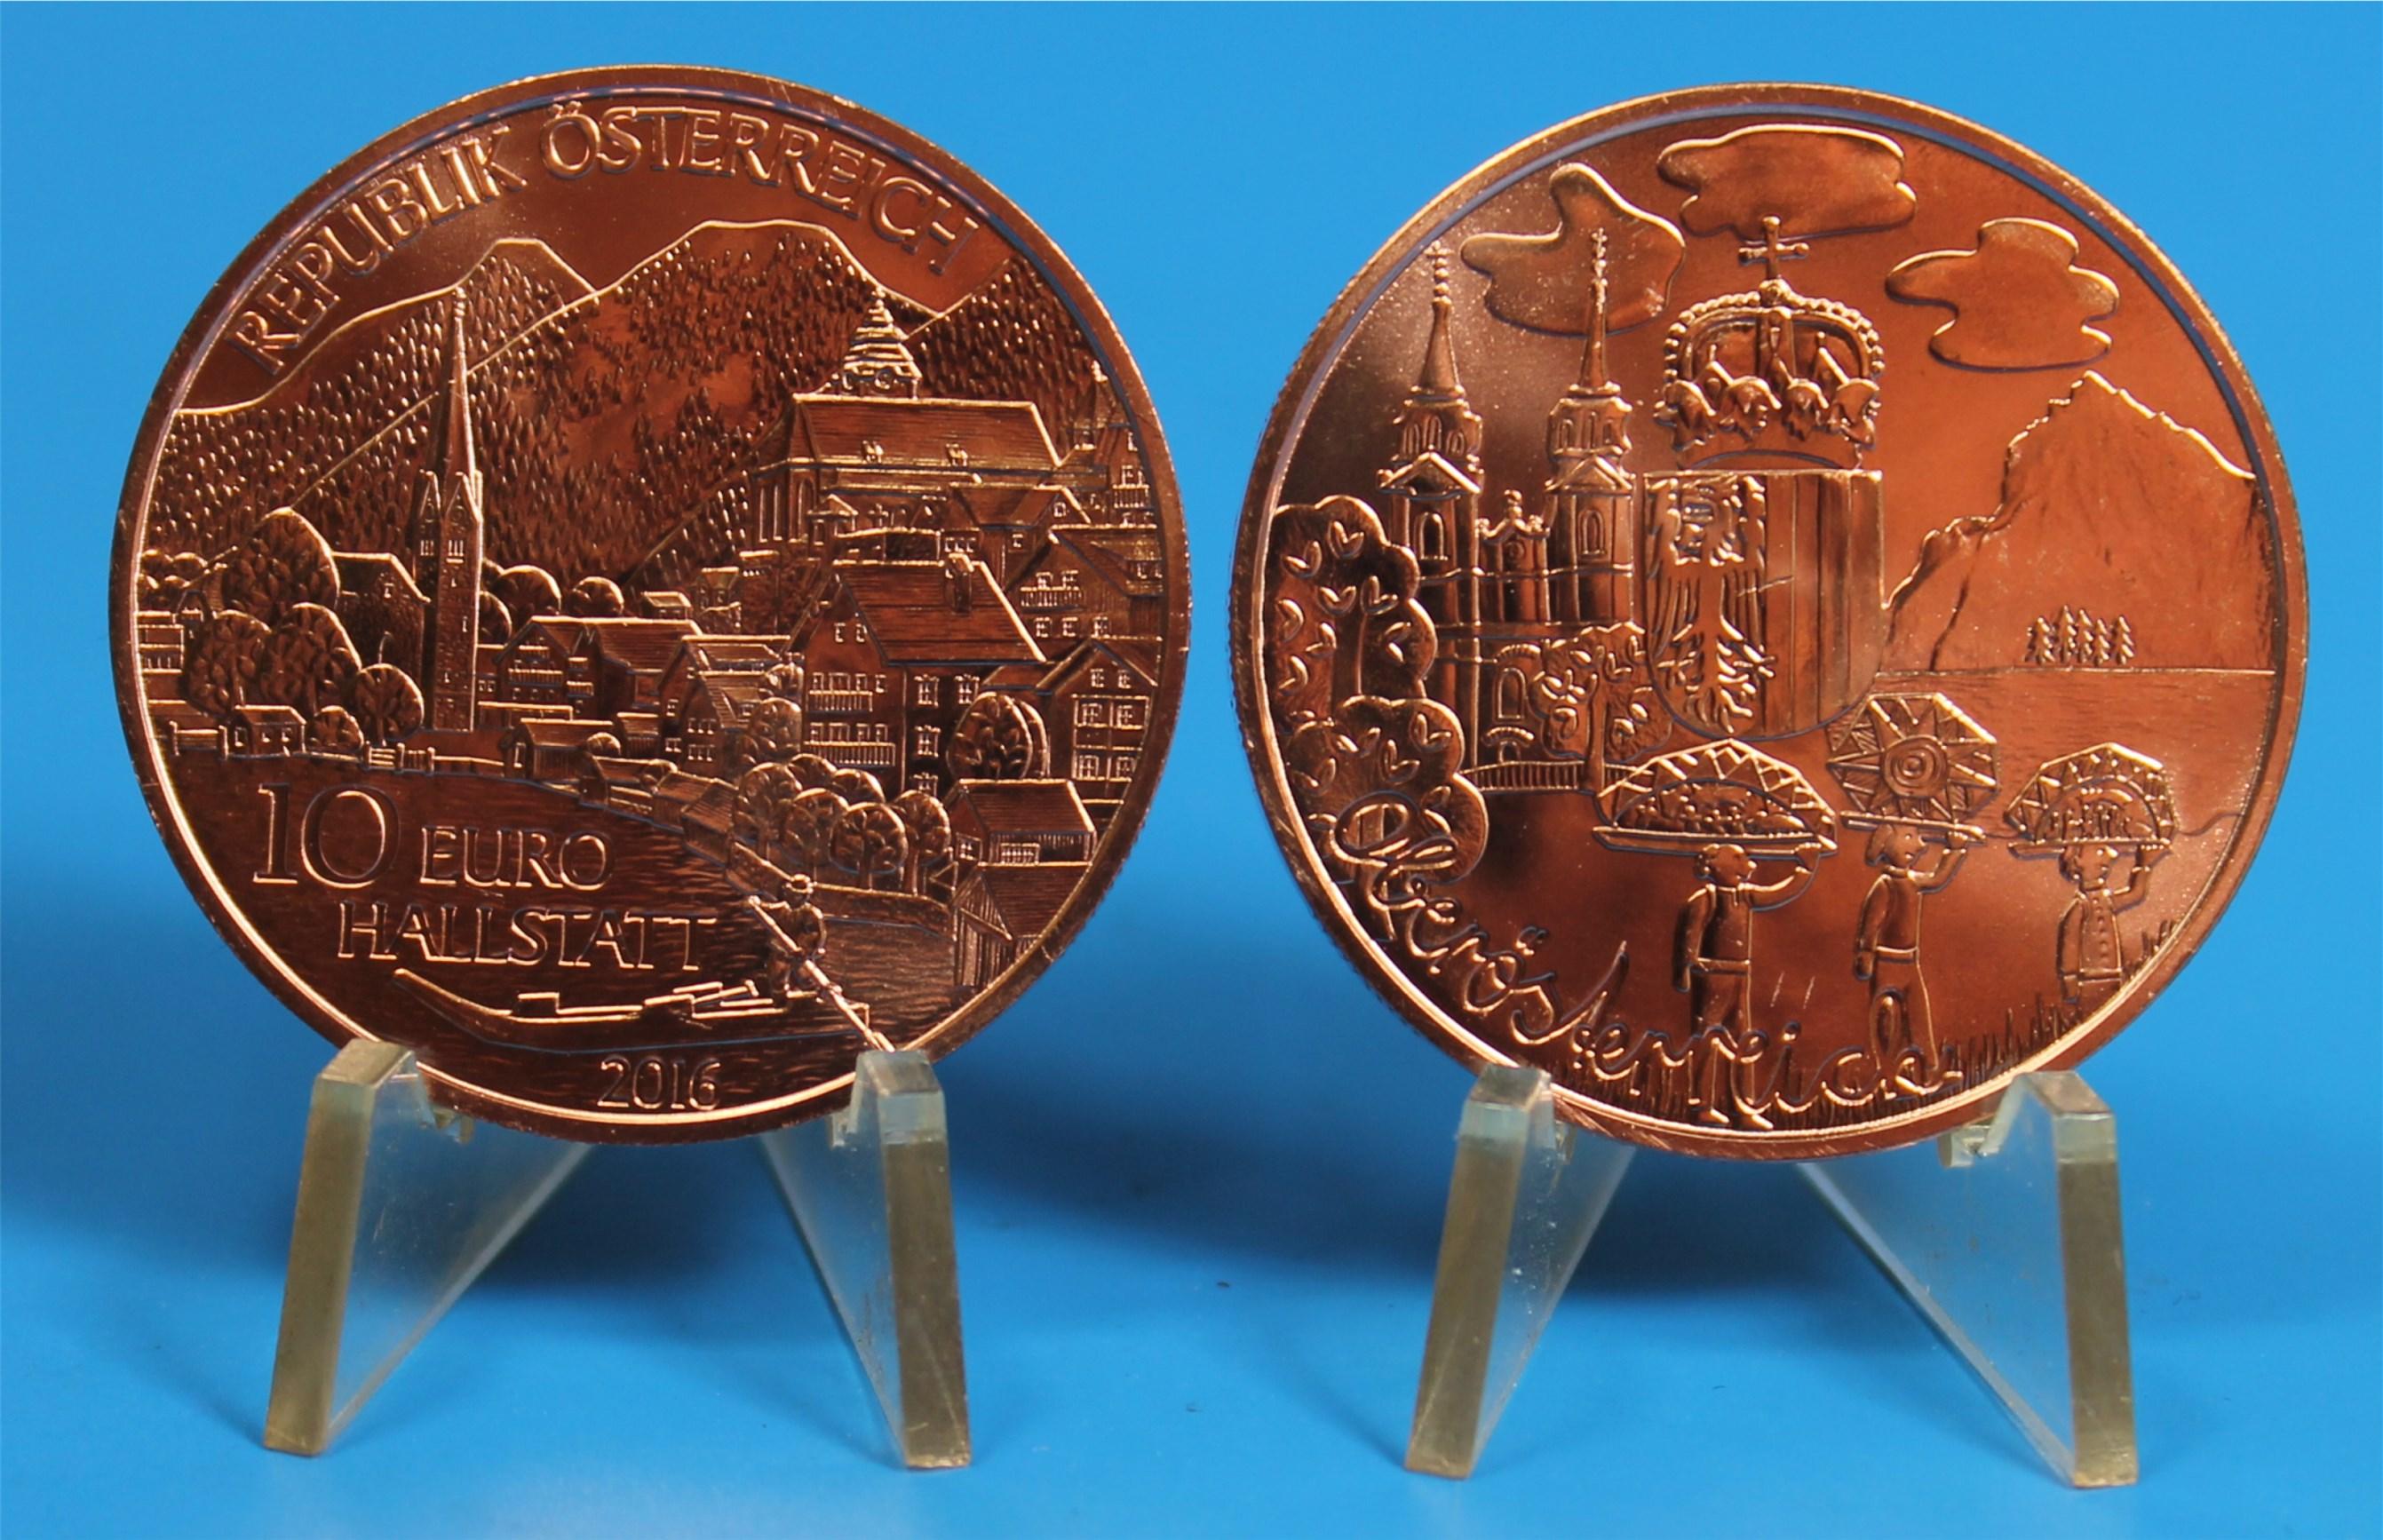 10 Euro österreich 2016 Oberösterreich Graf Waldschratde In